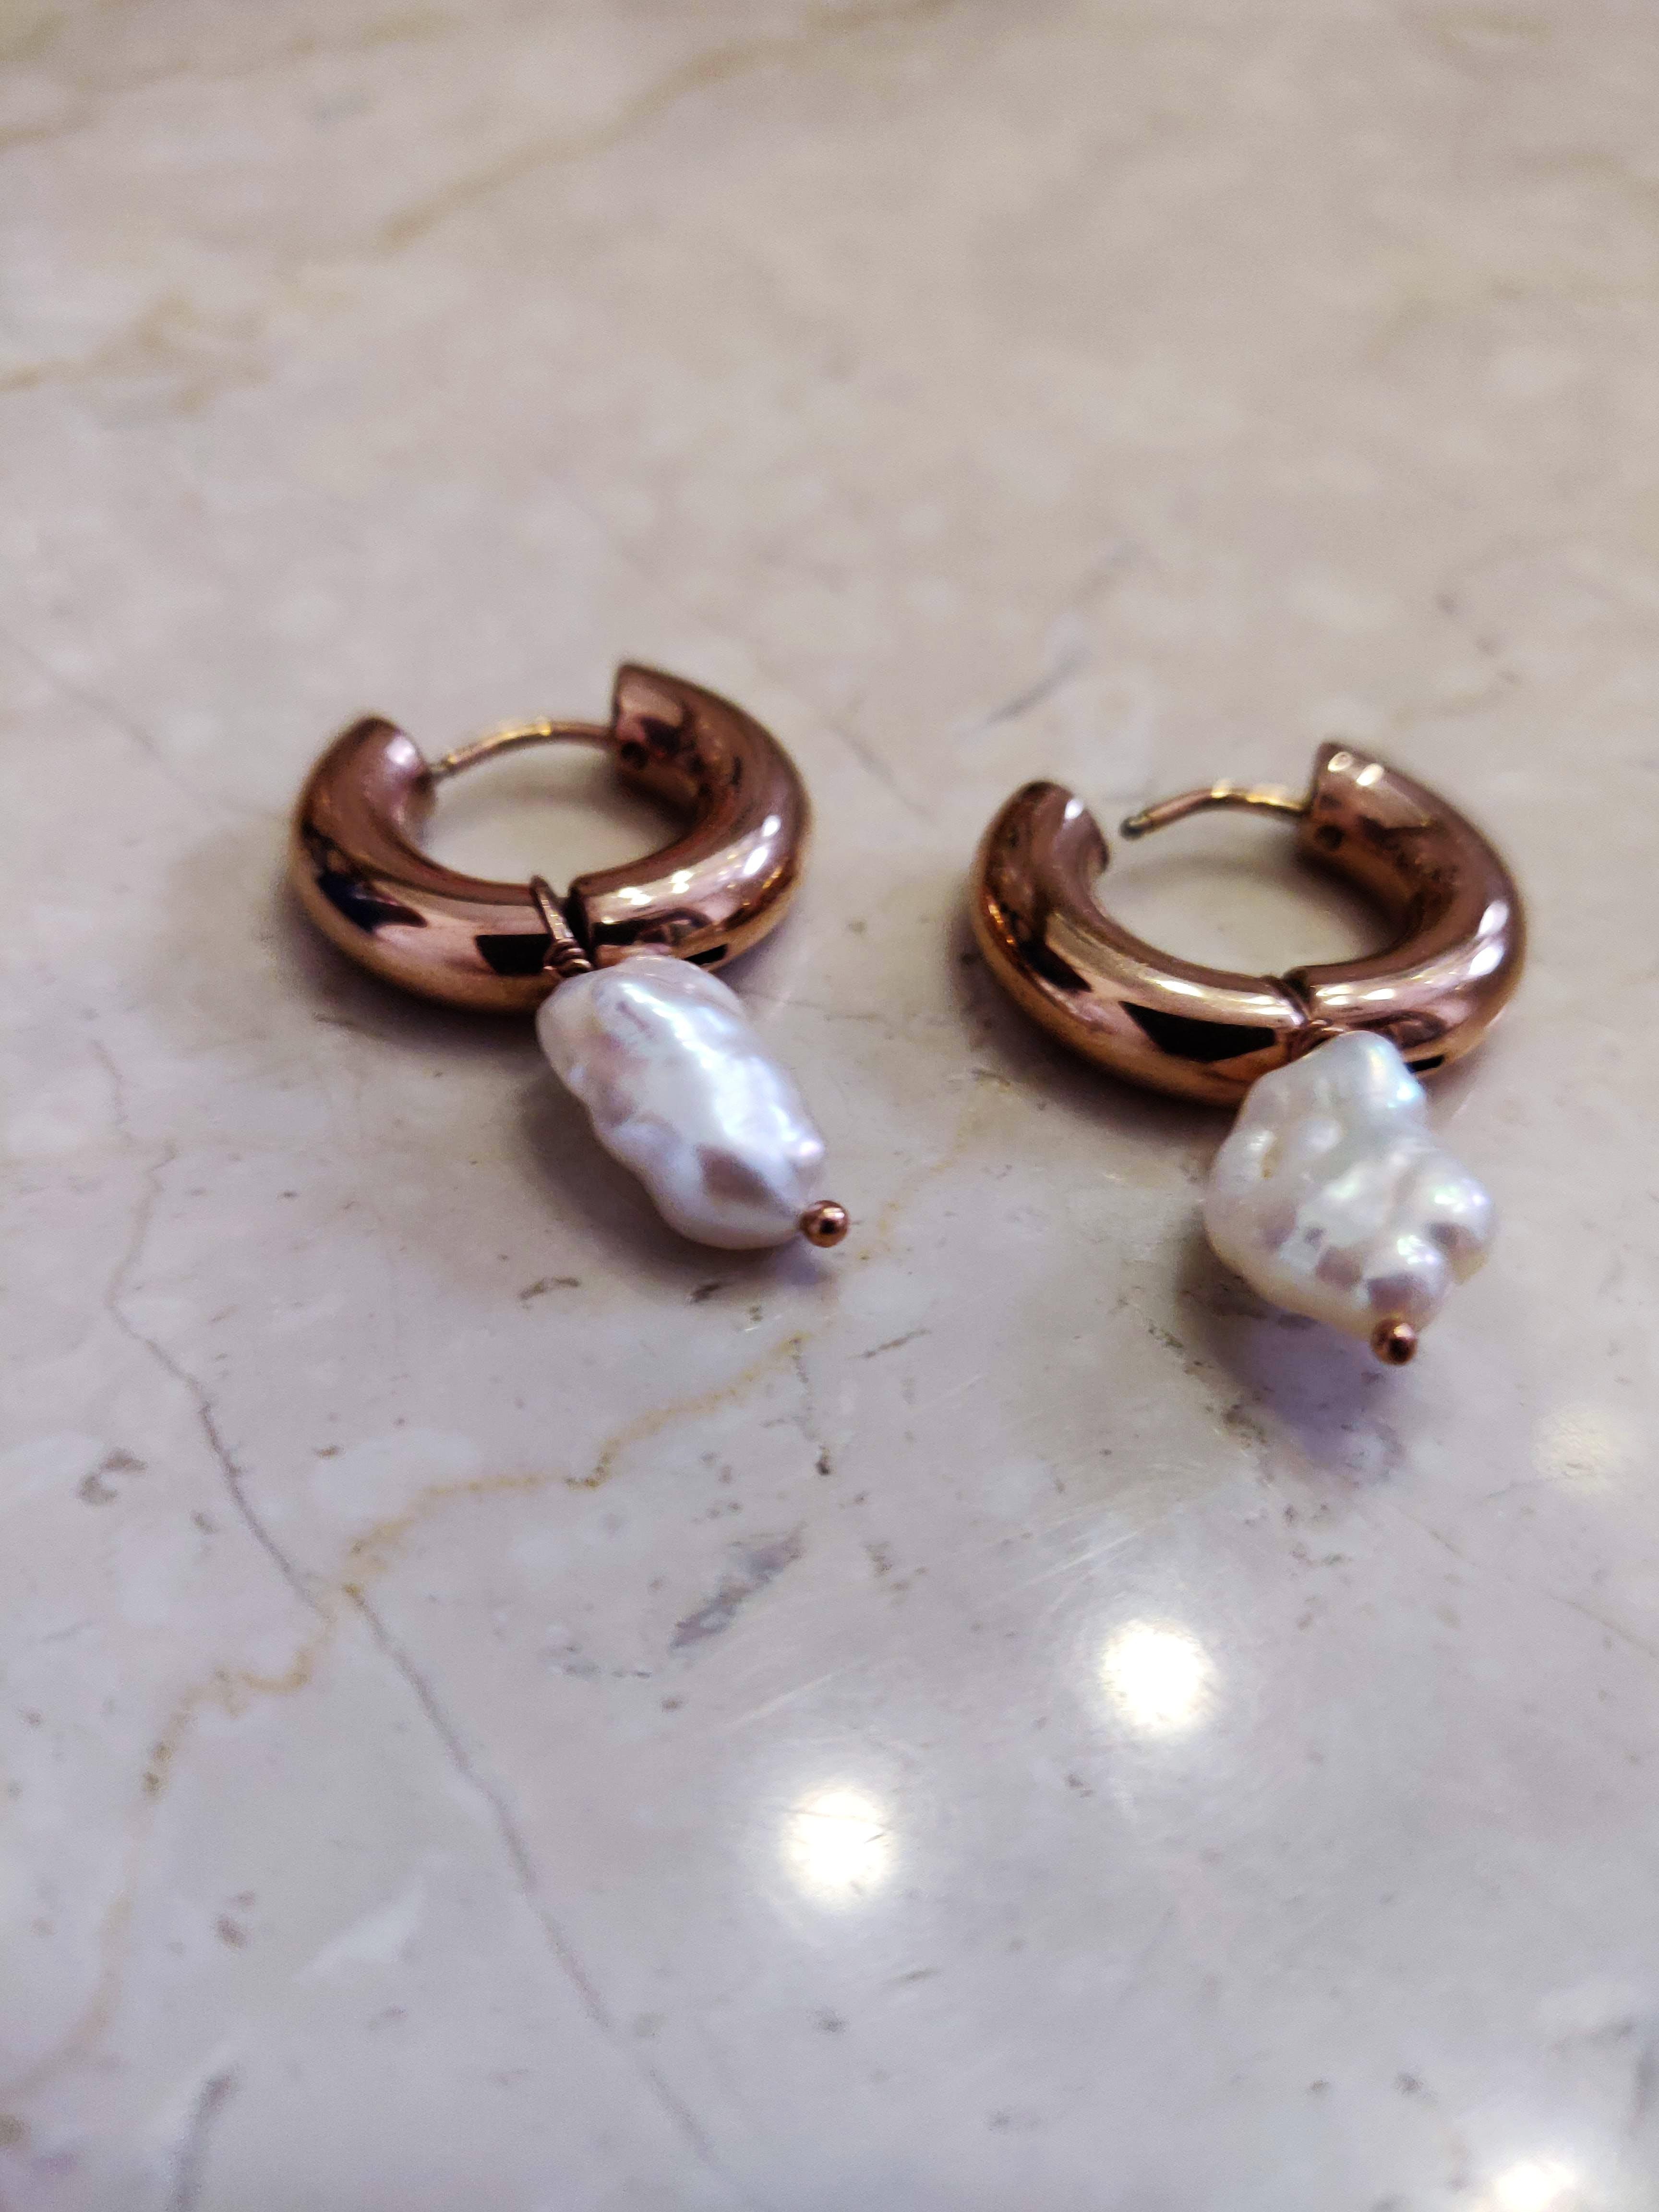 Body jewelry,Jewellery,Fashion accessory,Earrings,Metal,Silver,Ring,Ear,Silver,Gemstone